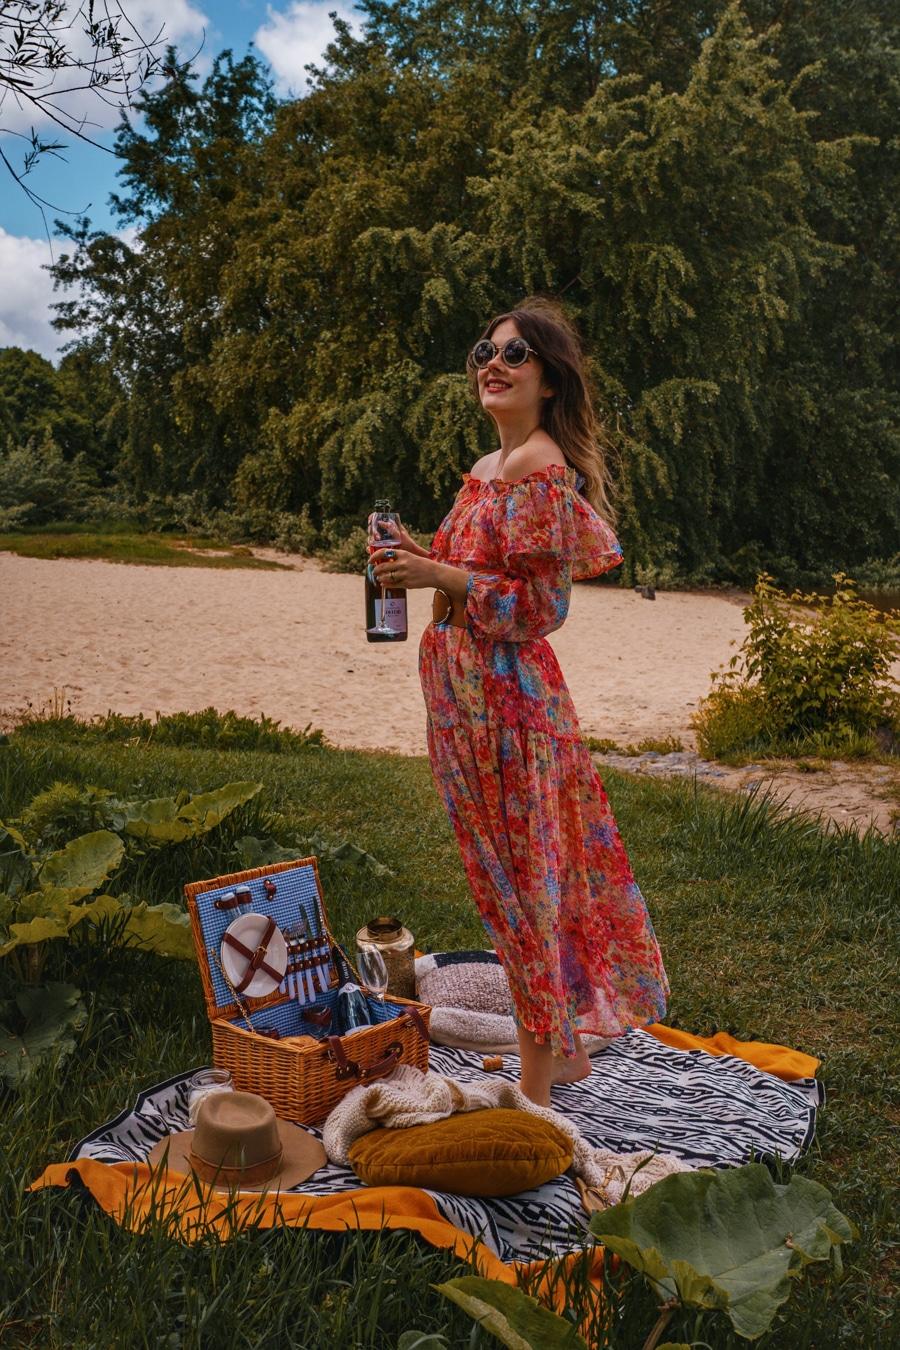 Rosé Champagner von Collery - Ausflug nach Ay in der Champagne